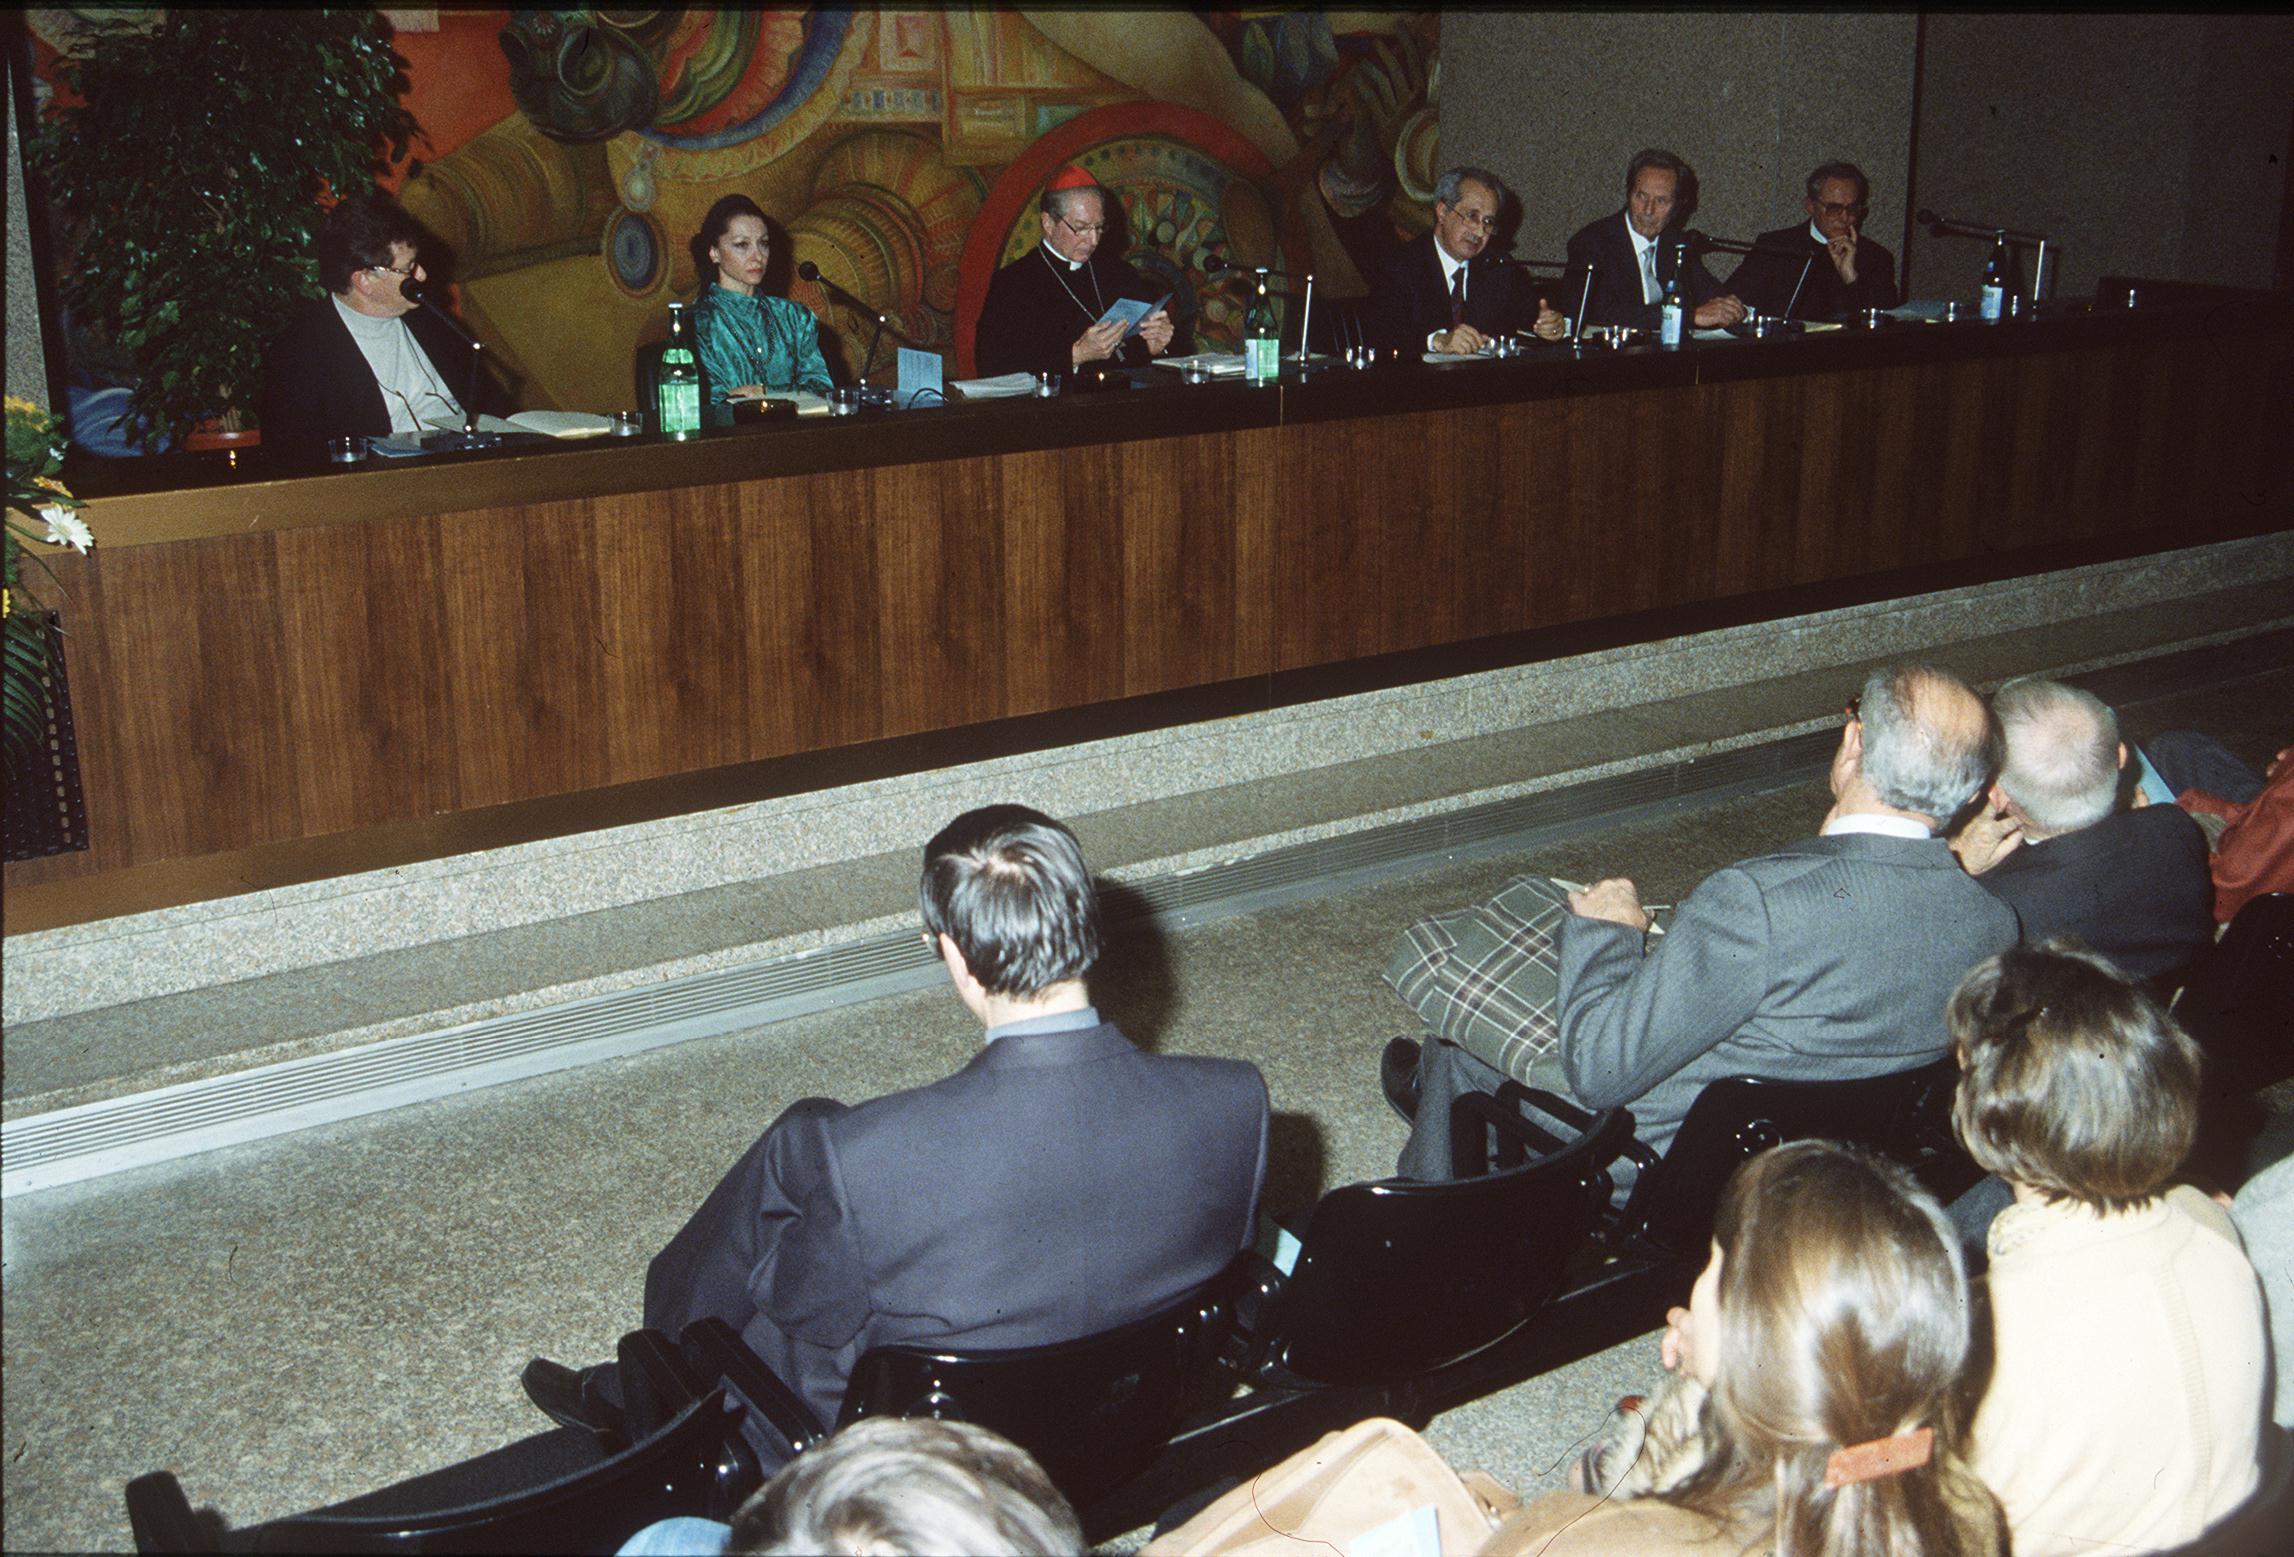 1991, V edizione: da sinistra Ermanno Olmi, Liliana Cosi, Carlo Maria Martini, Virgilio Melchiorre, Carlo Maria Giulini, Giovanni Barbareschi